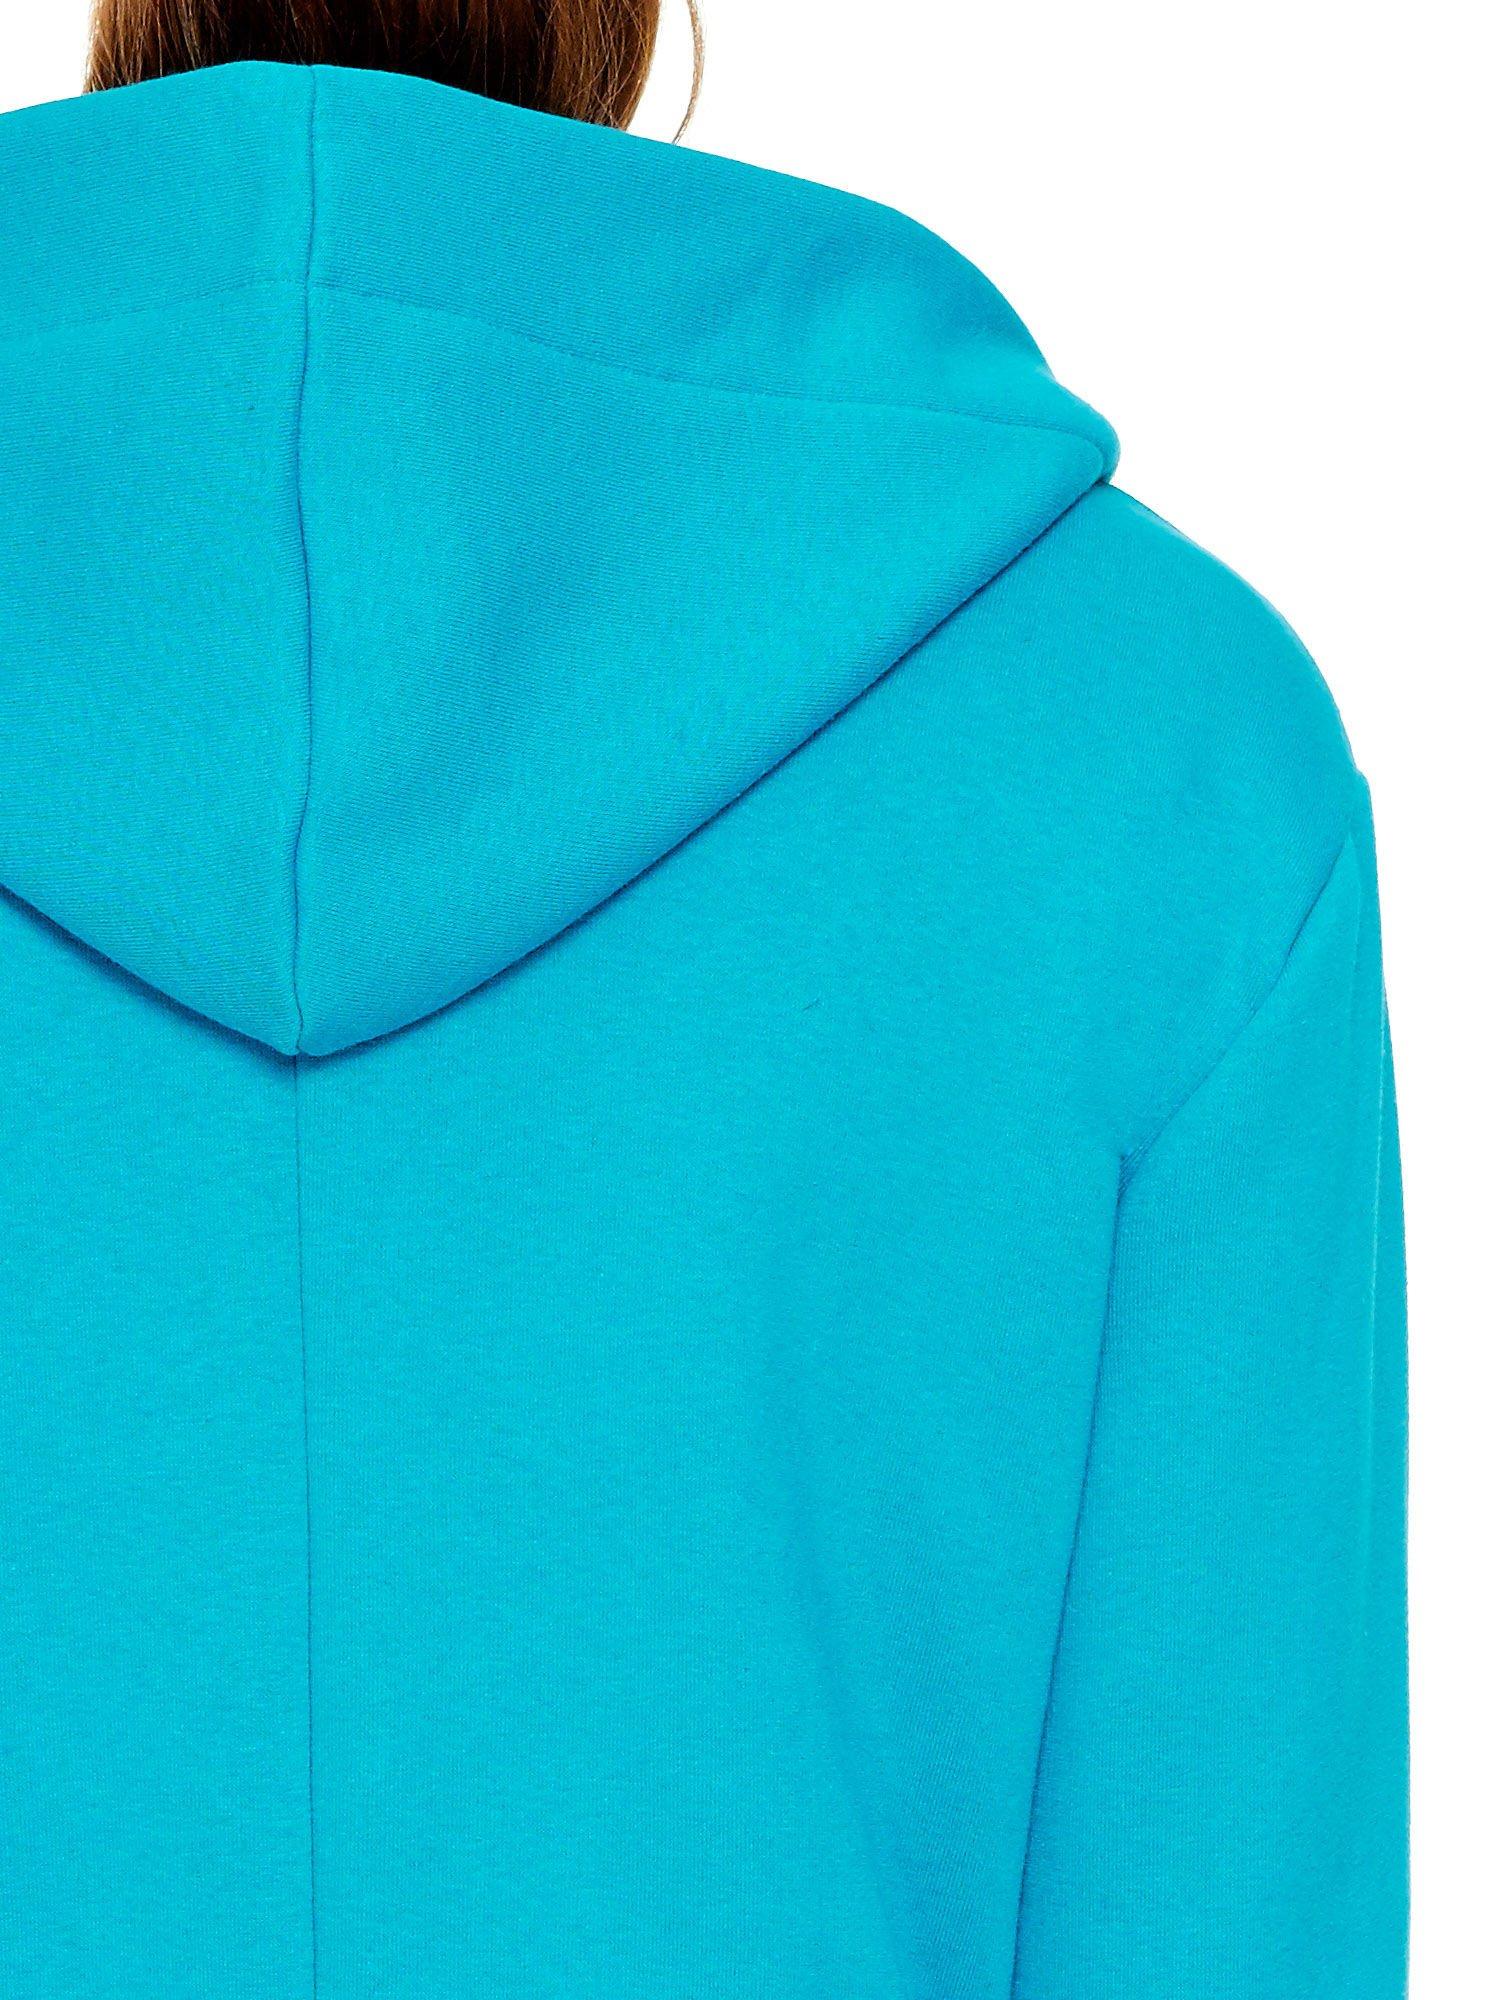 Turkusowy dresowy bluzopłaszcz ściągany w pasie                                  zdj.                                  8